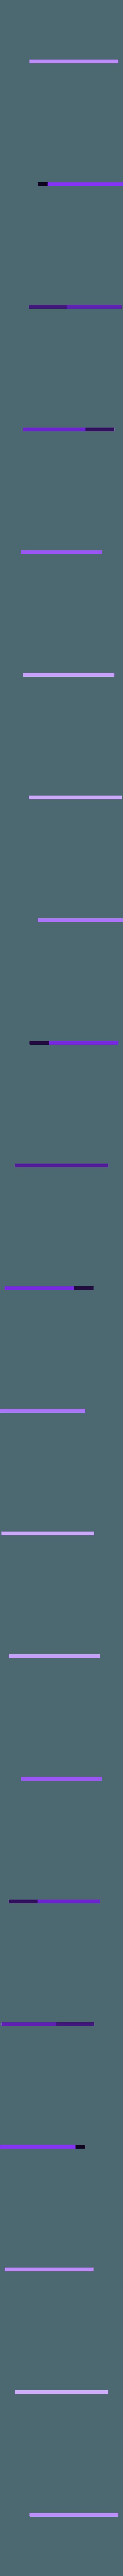 Horcrux_body_symbol.STL Télécharger fichier STL gratuit Sous-verres multicolores Harry Potter • Design pour impression 3D, MosaicManufacturing